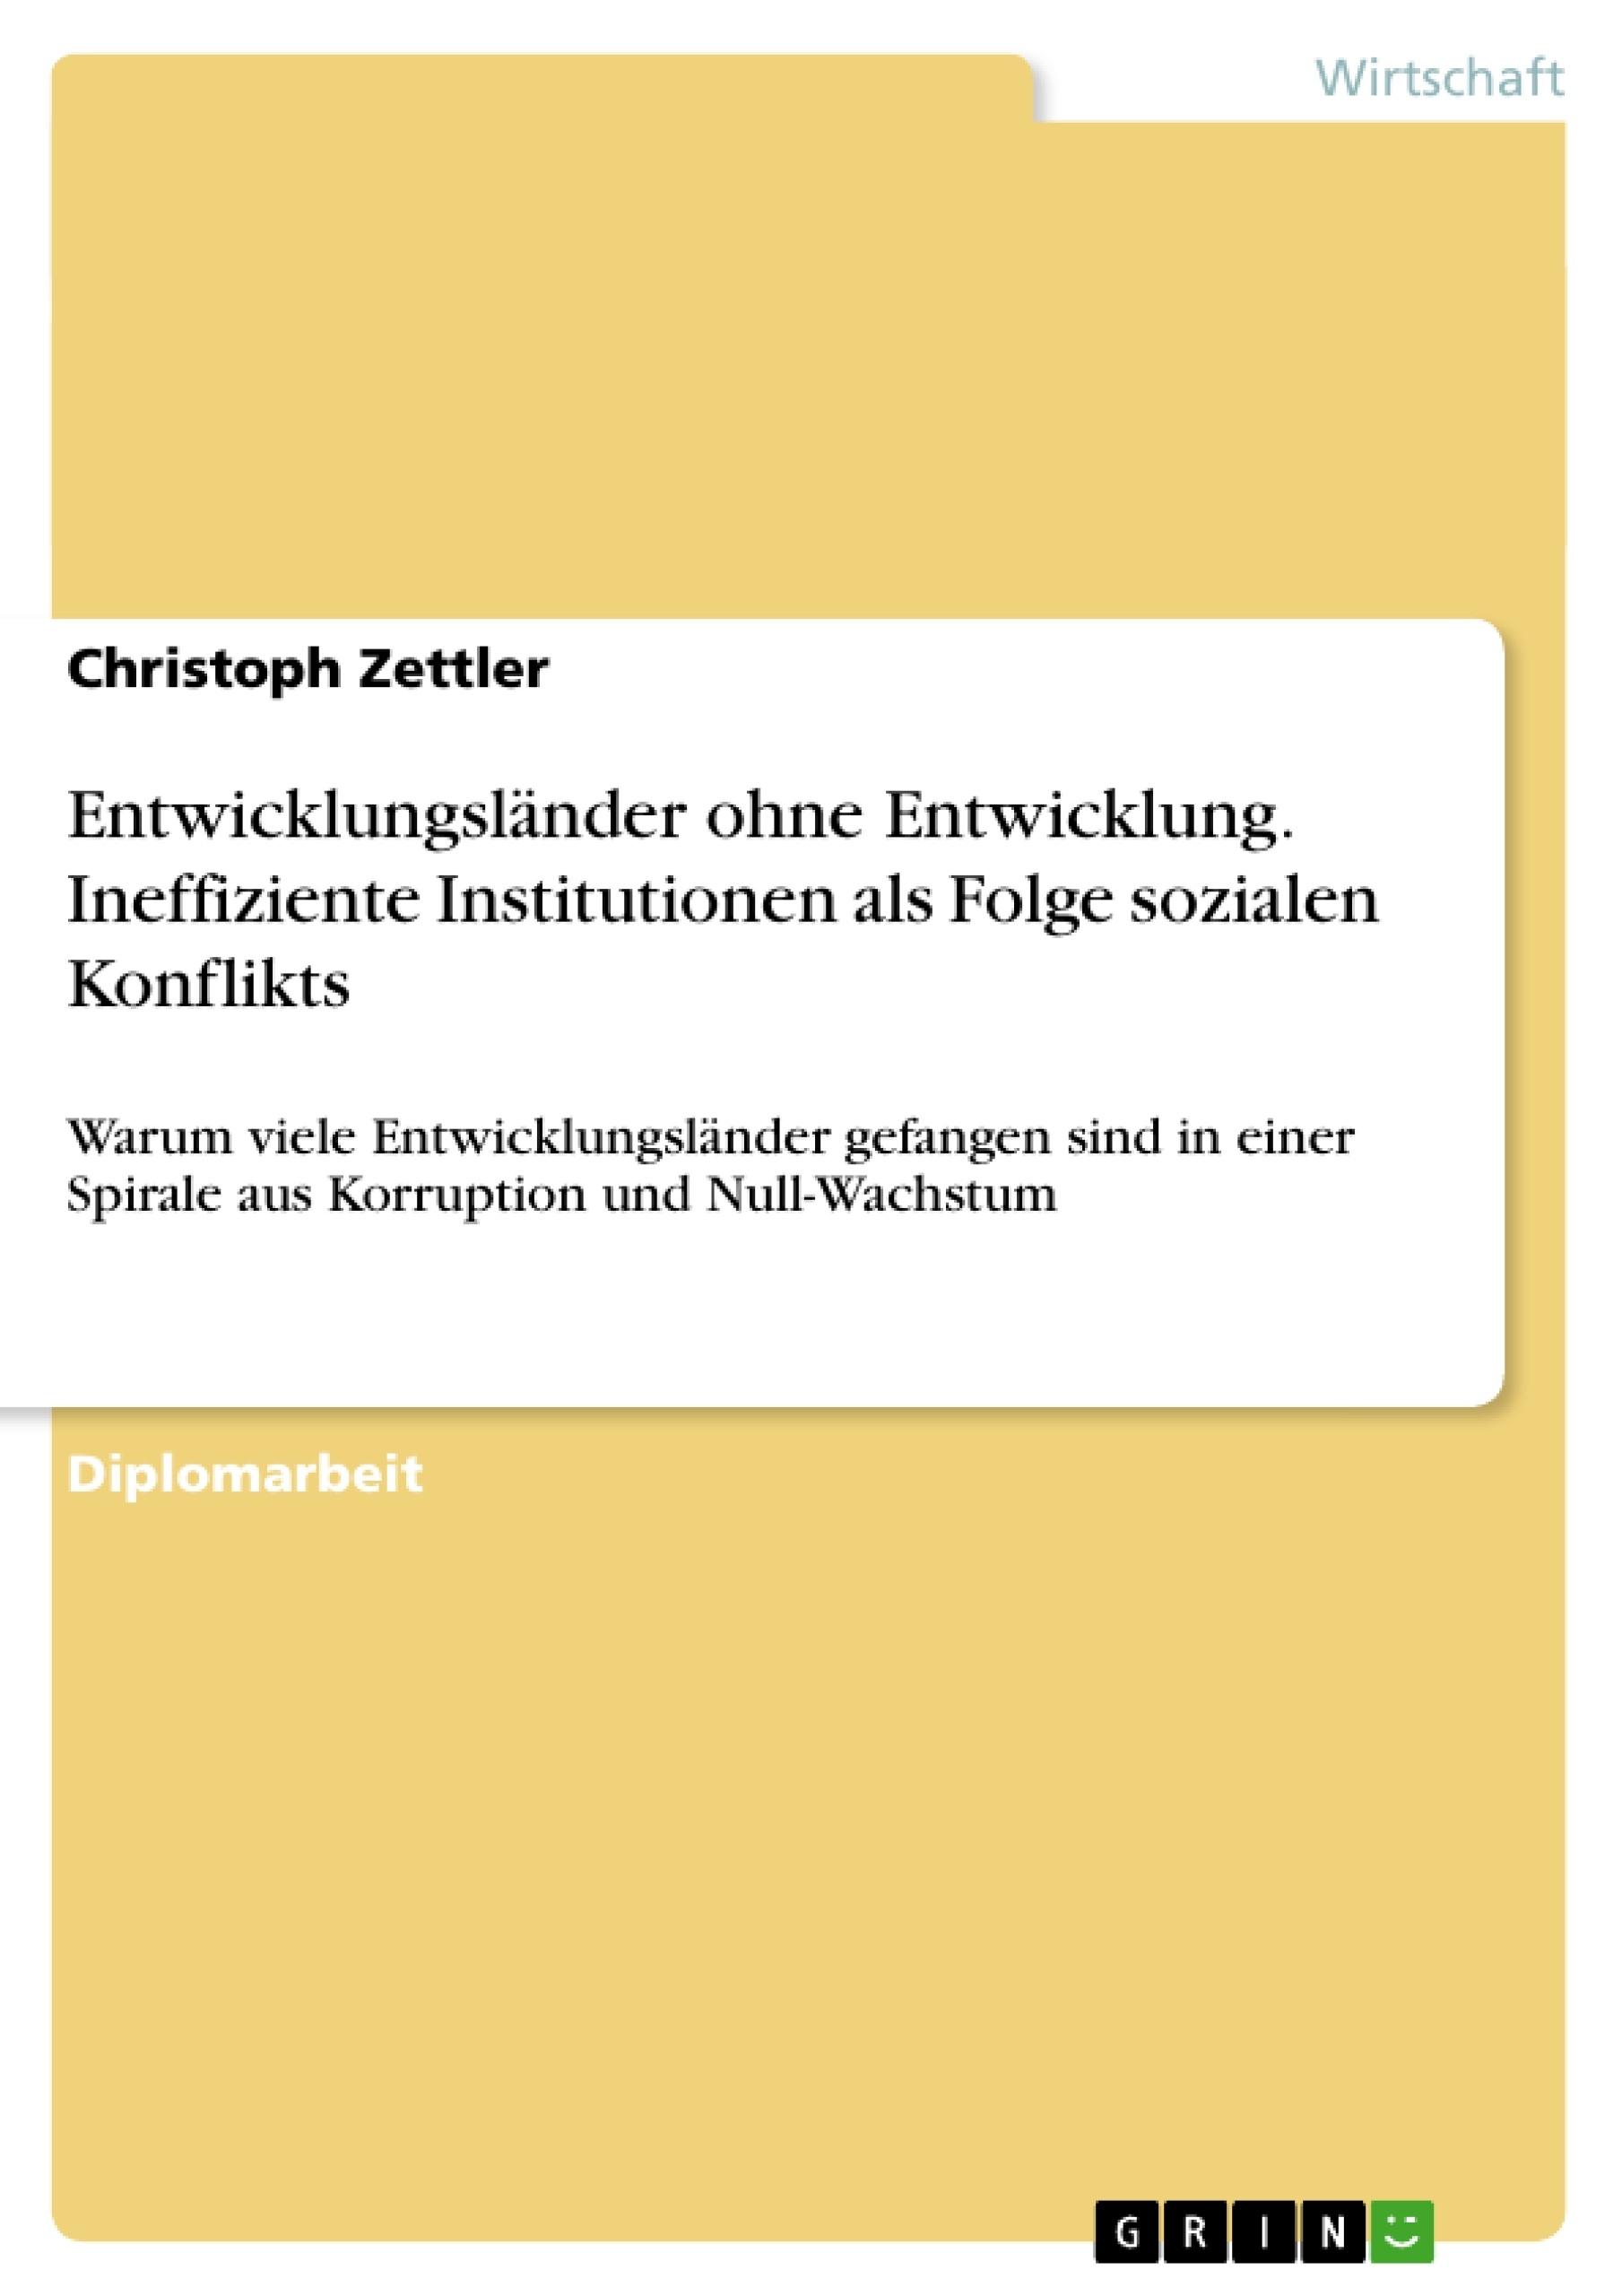 Titel: Entwicklungsländer ohne Entwicklung. Ineffiziente Institutionen als Folge sozialen Konflikts